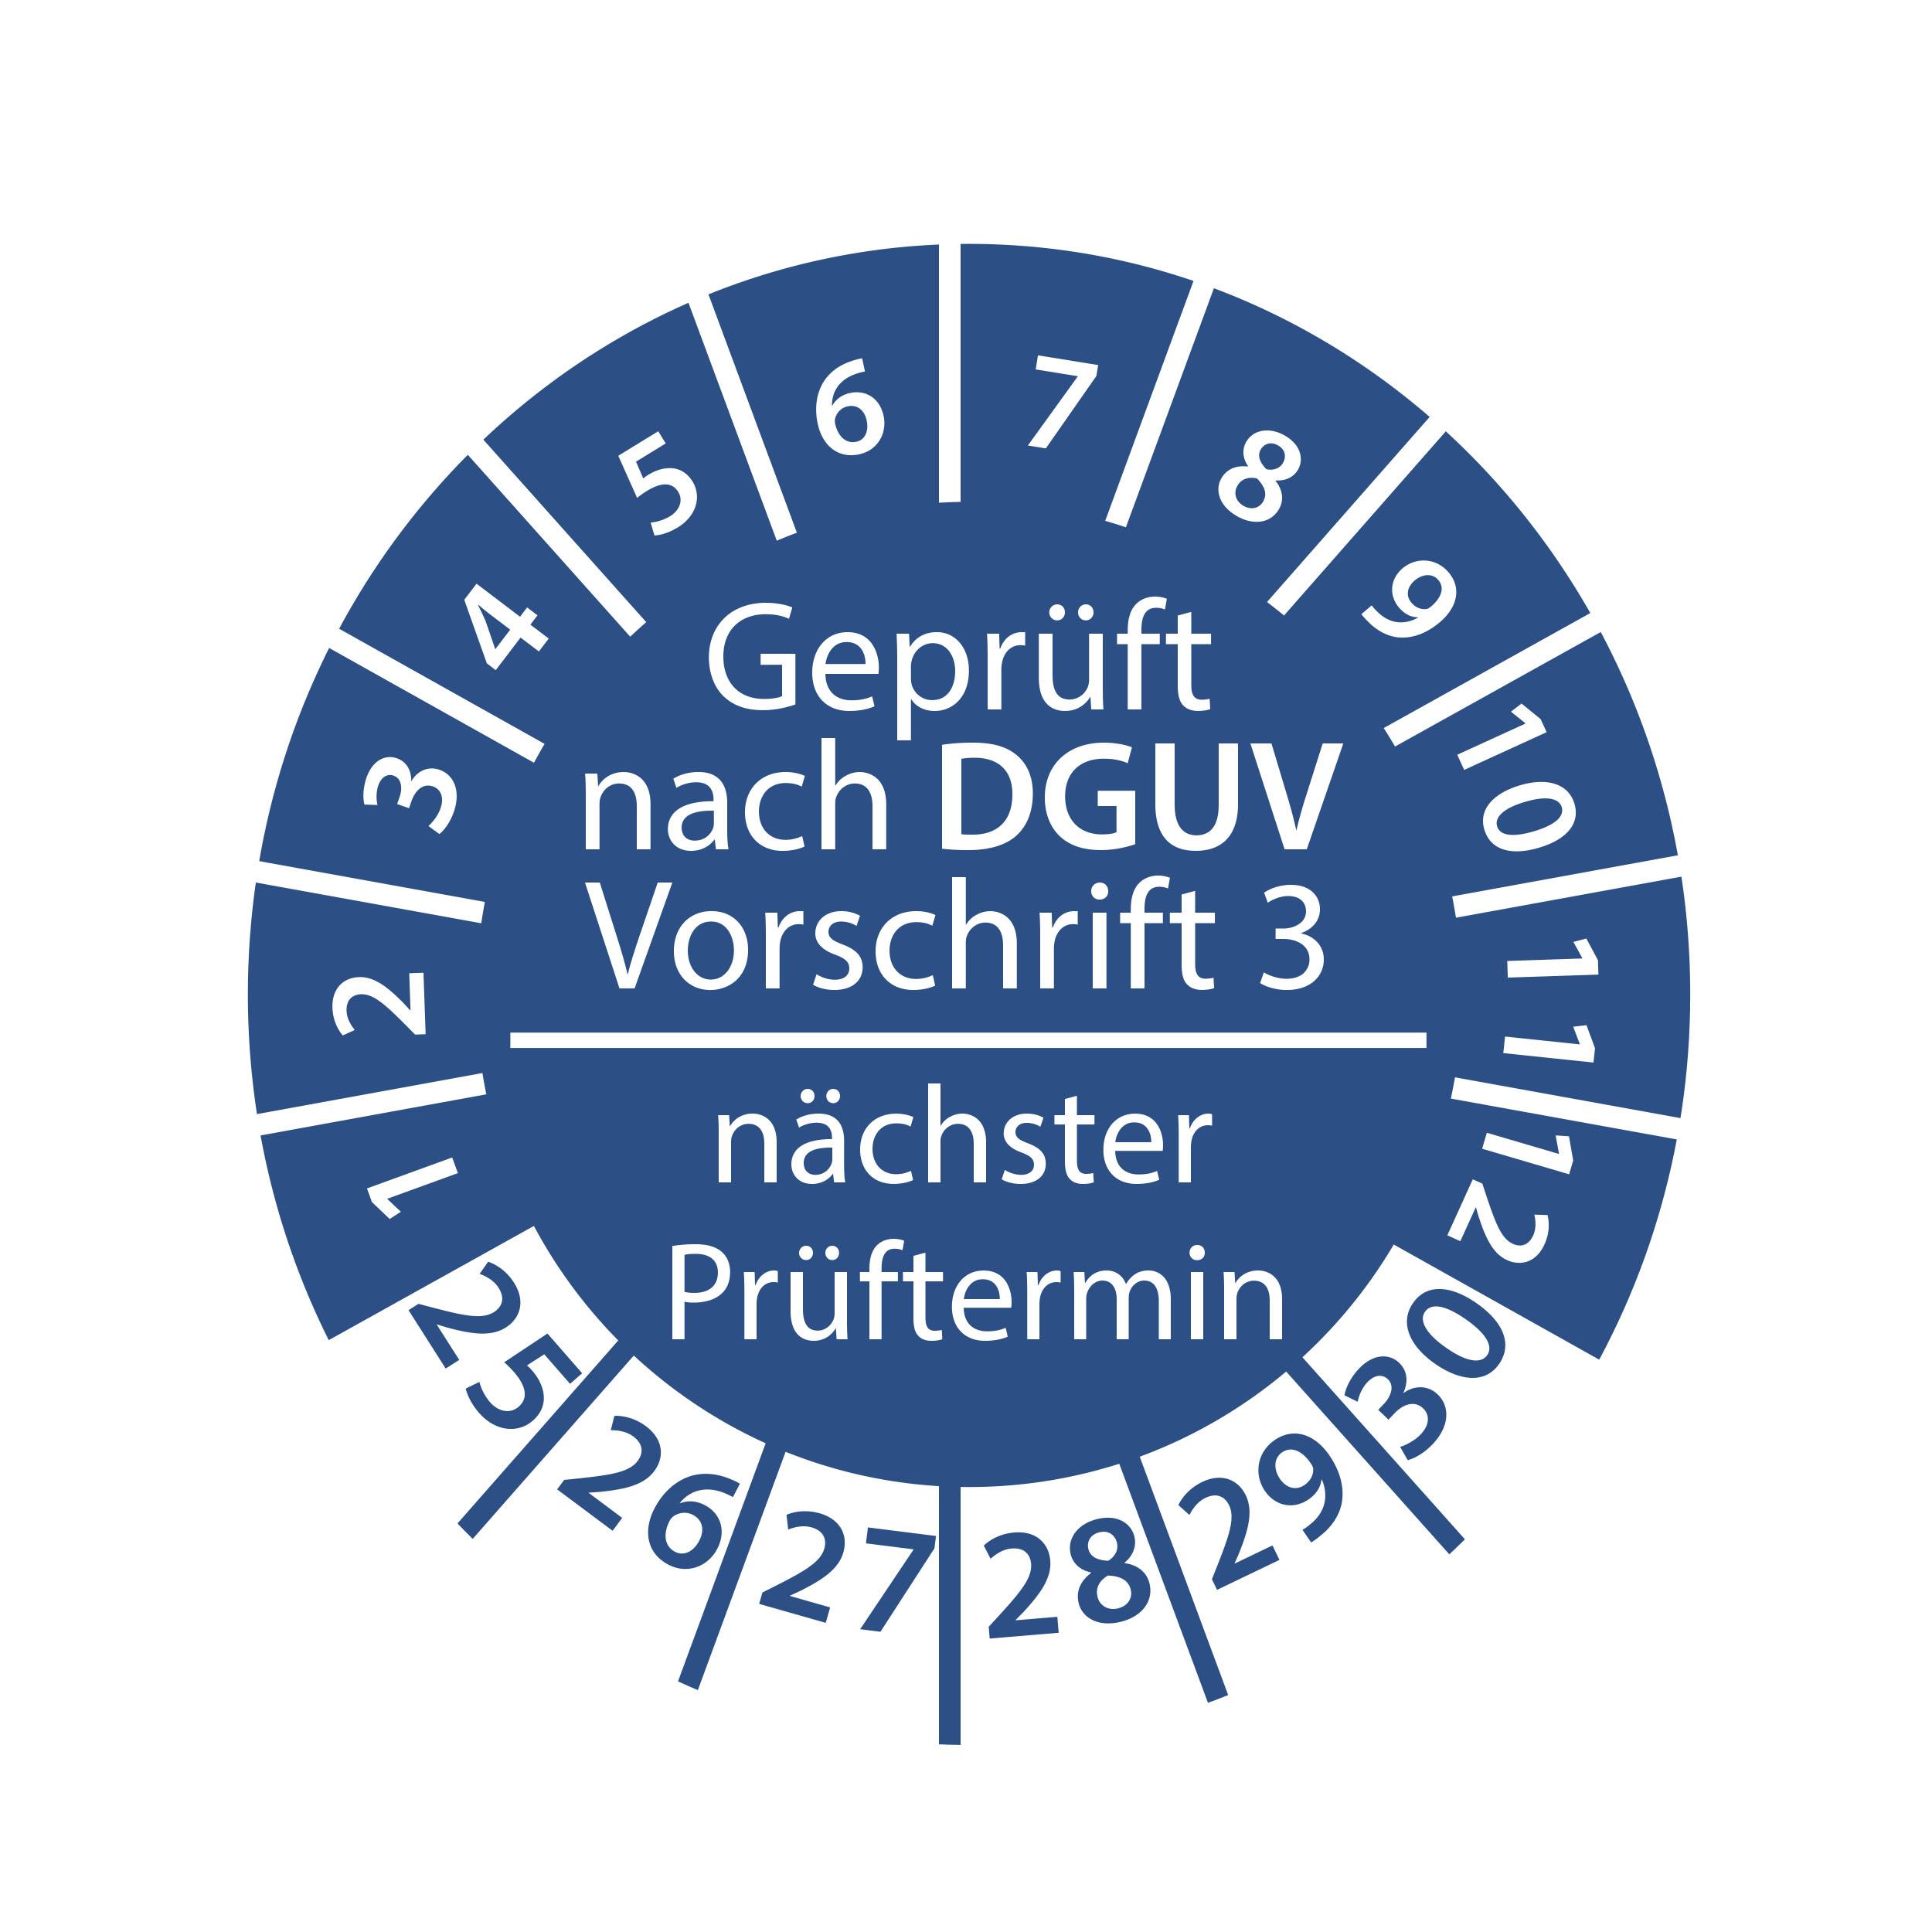 Prüfplakette geprüft nach DGUV Vorschrift 3 nächster Prüftermin 2025-2030 Ø 30mm Rund Gelb / Blau Prüfetikett Prüfaufkleber